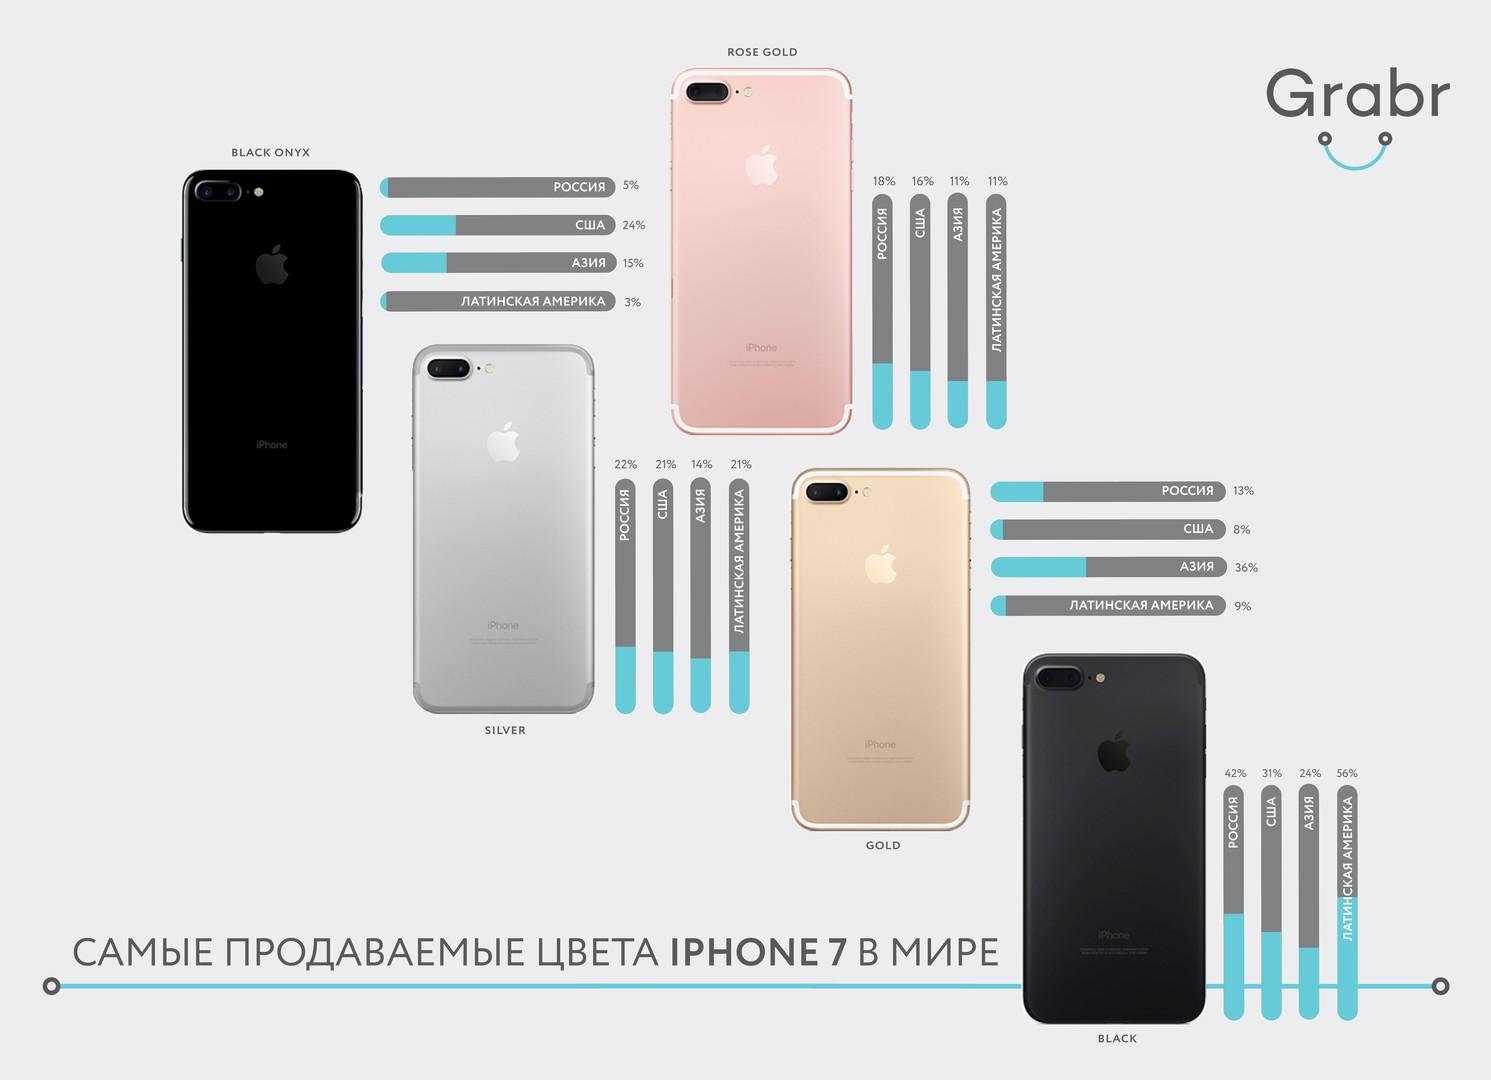 Стало известно какой iPhone предпочитают украинцы